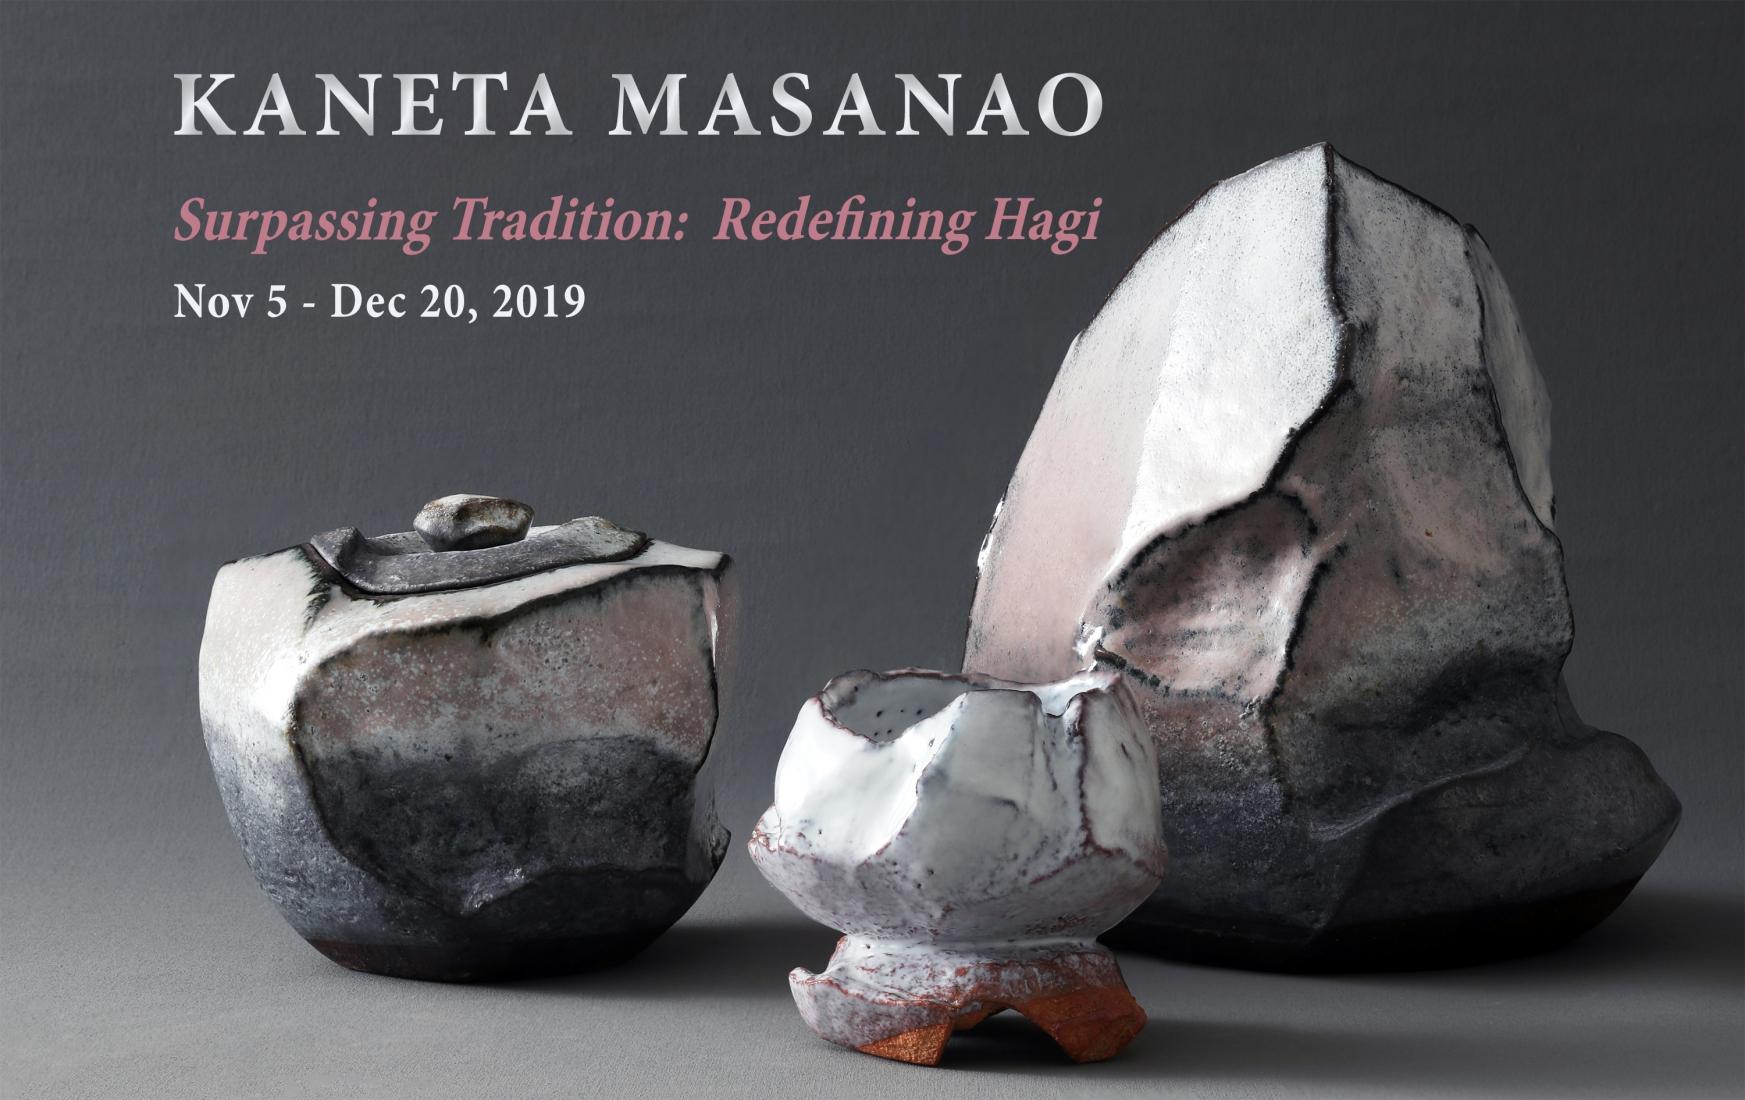 Kaneta Masanao